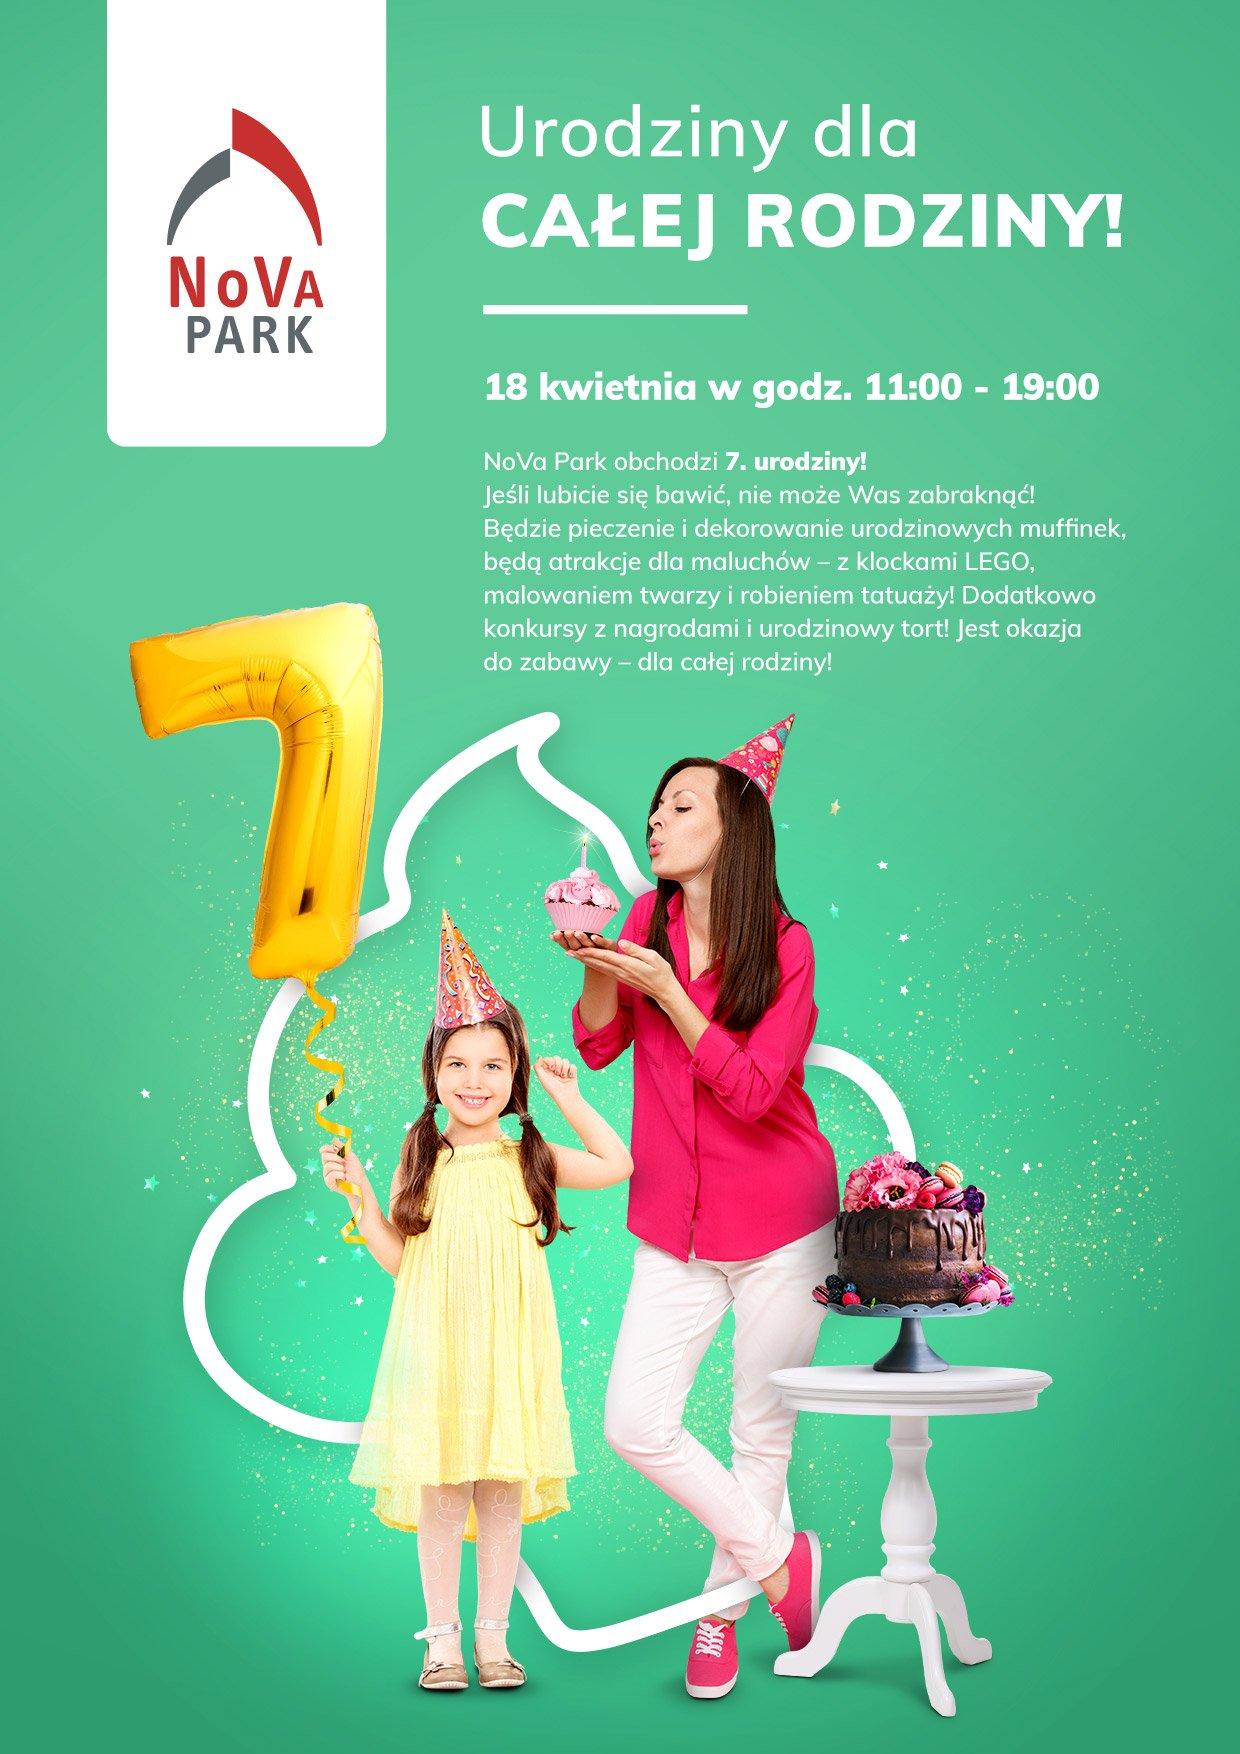 Świętuj z nami 7. urodziny NoVa Park